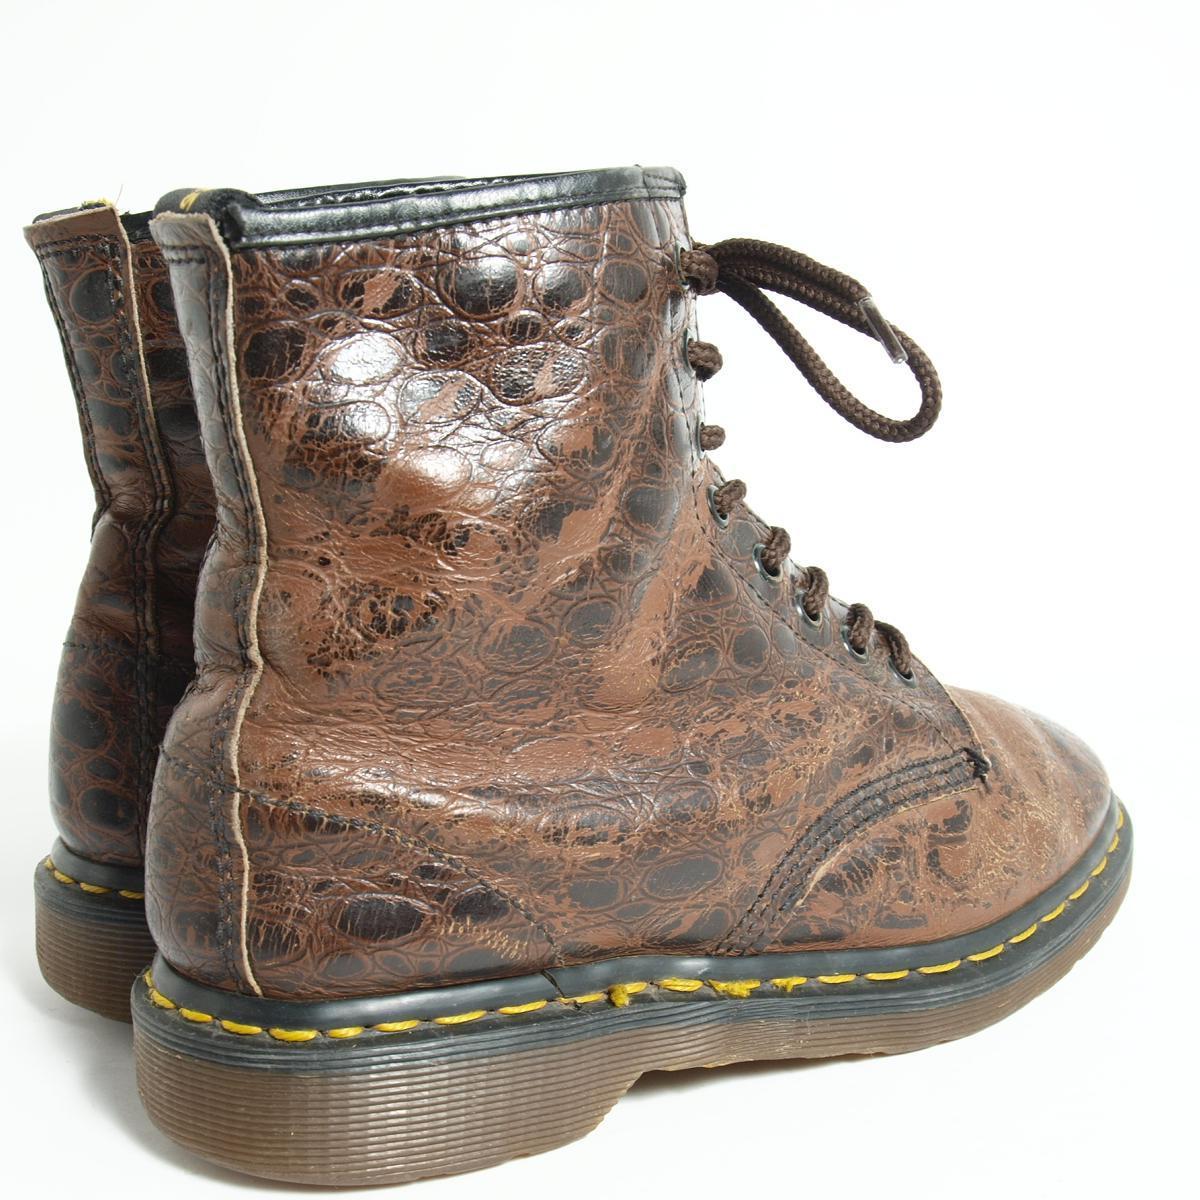 8 hall boots UK7 men 25.5cm Dr.Martens /bok8564 made in the doctor Martin U.K.